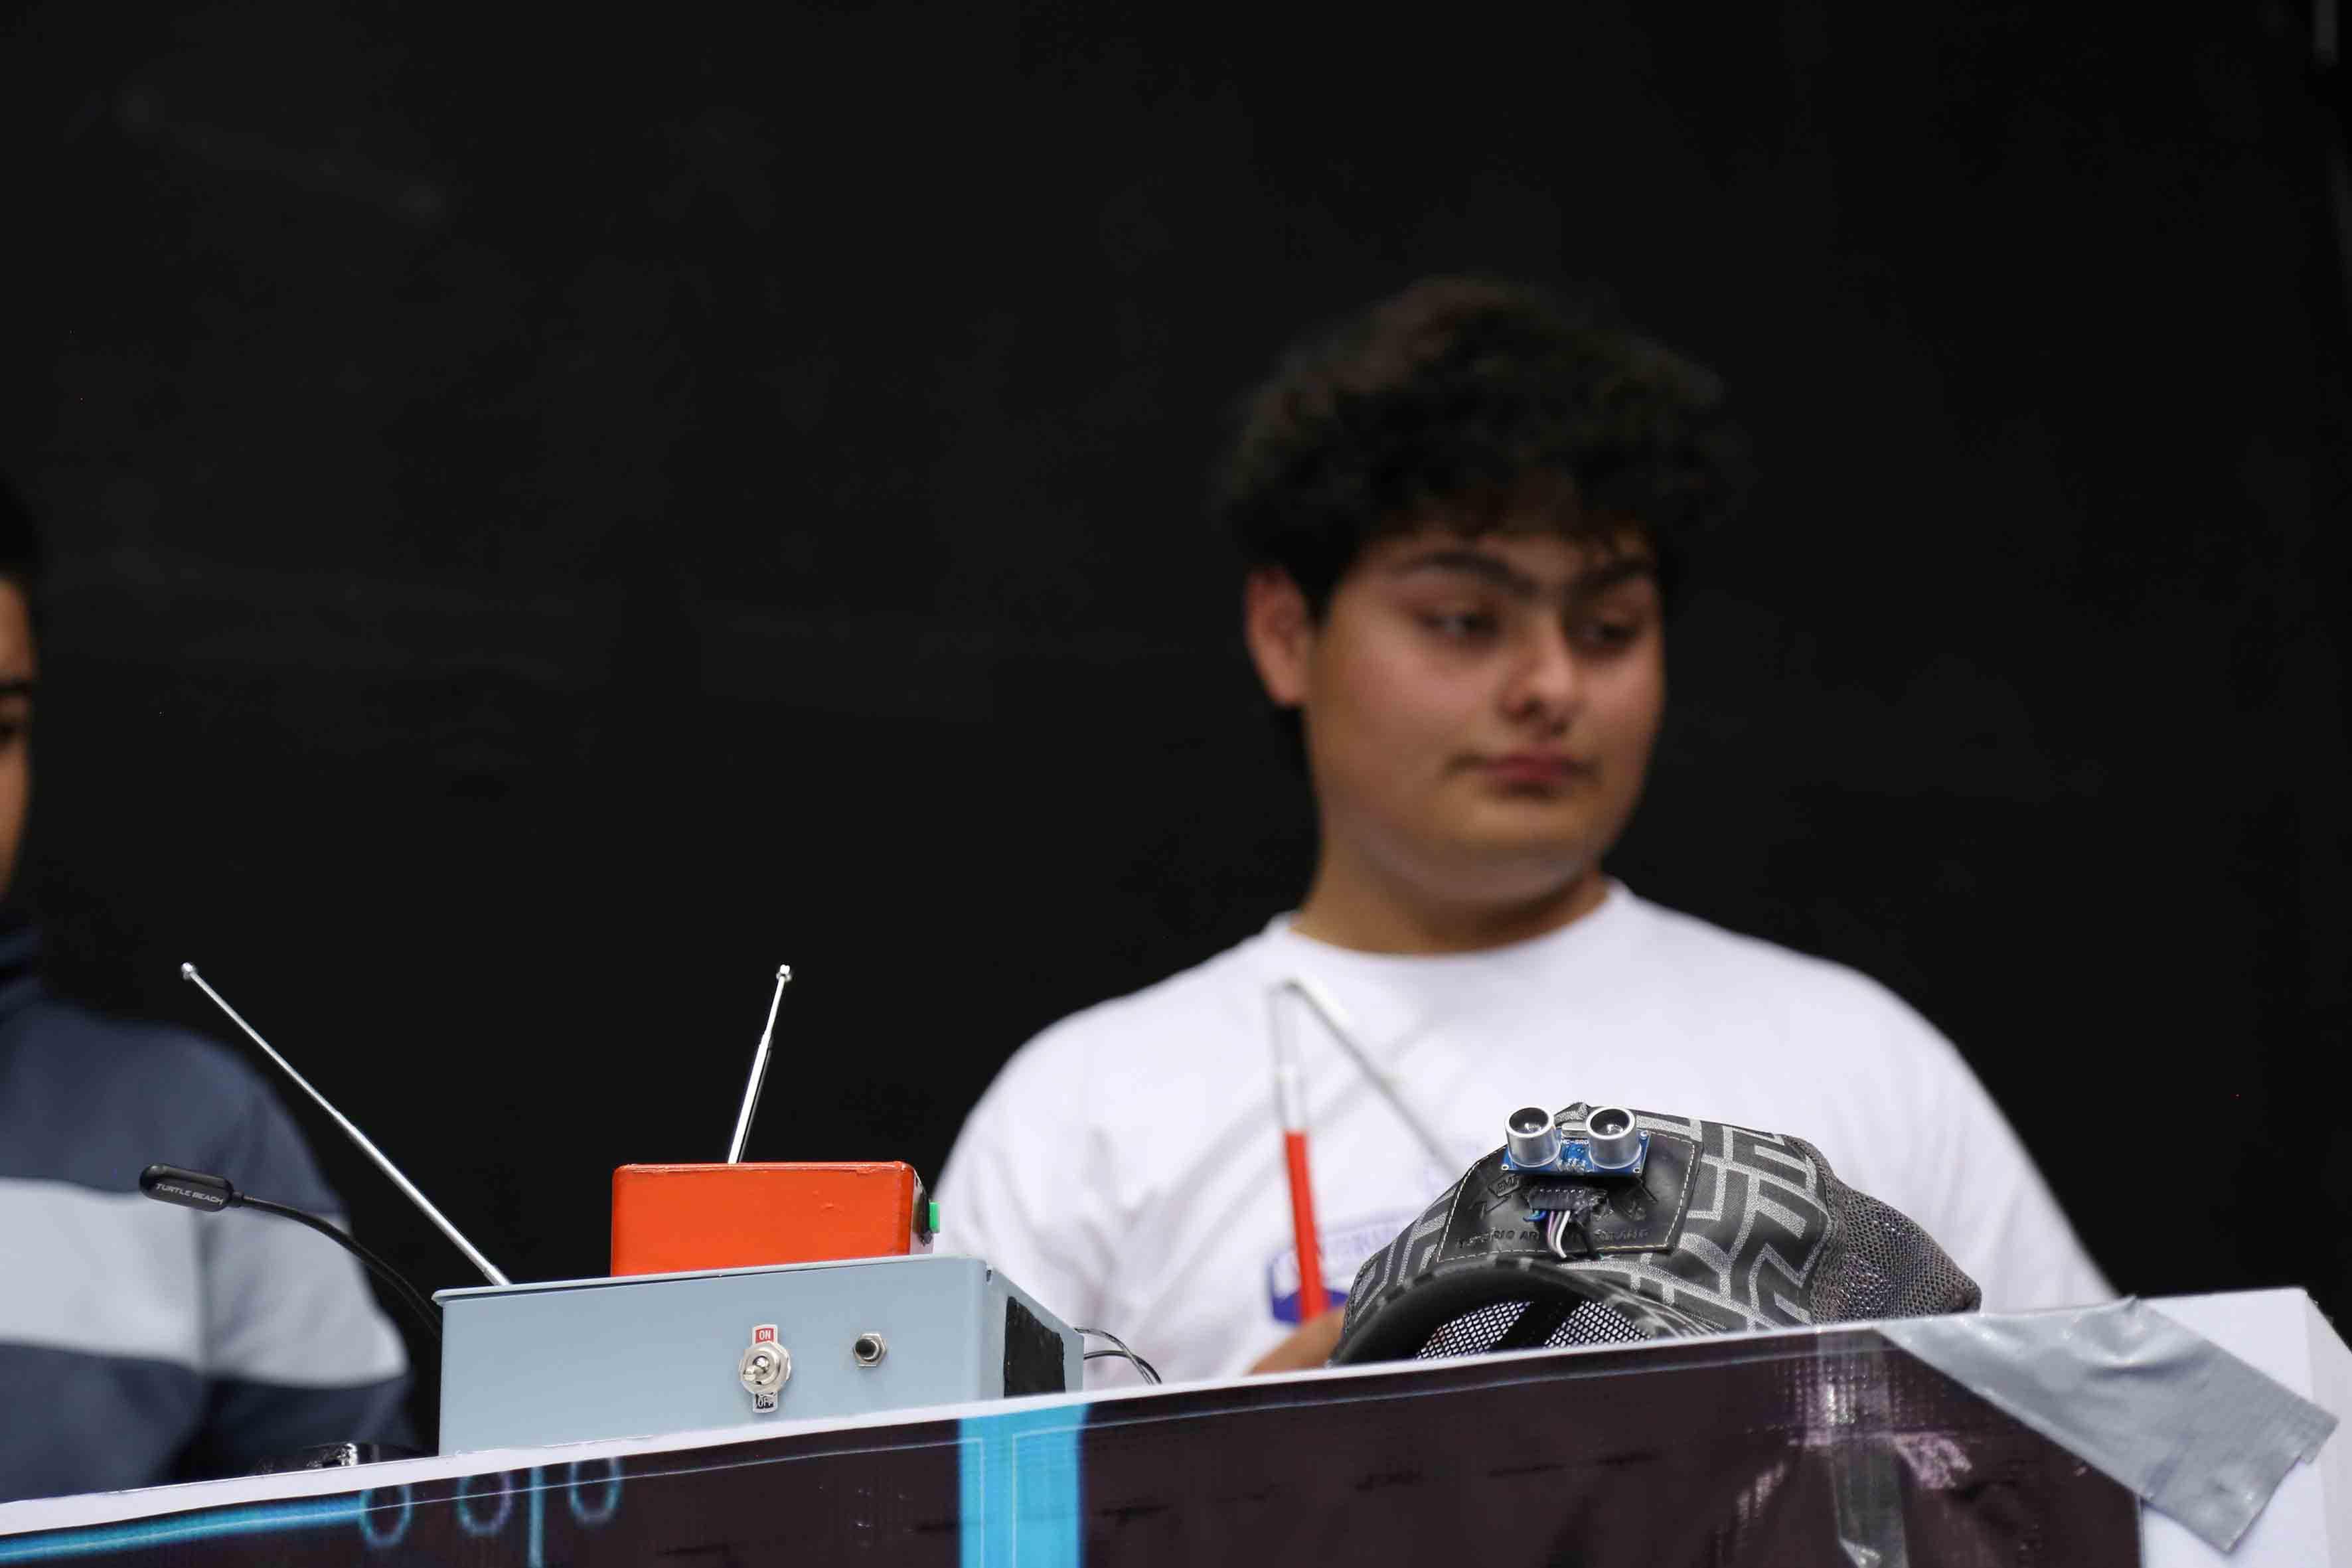 Alumno participando en la demostración de sus inventos